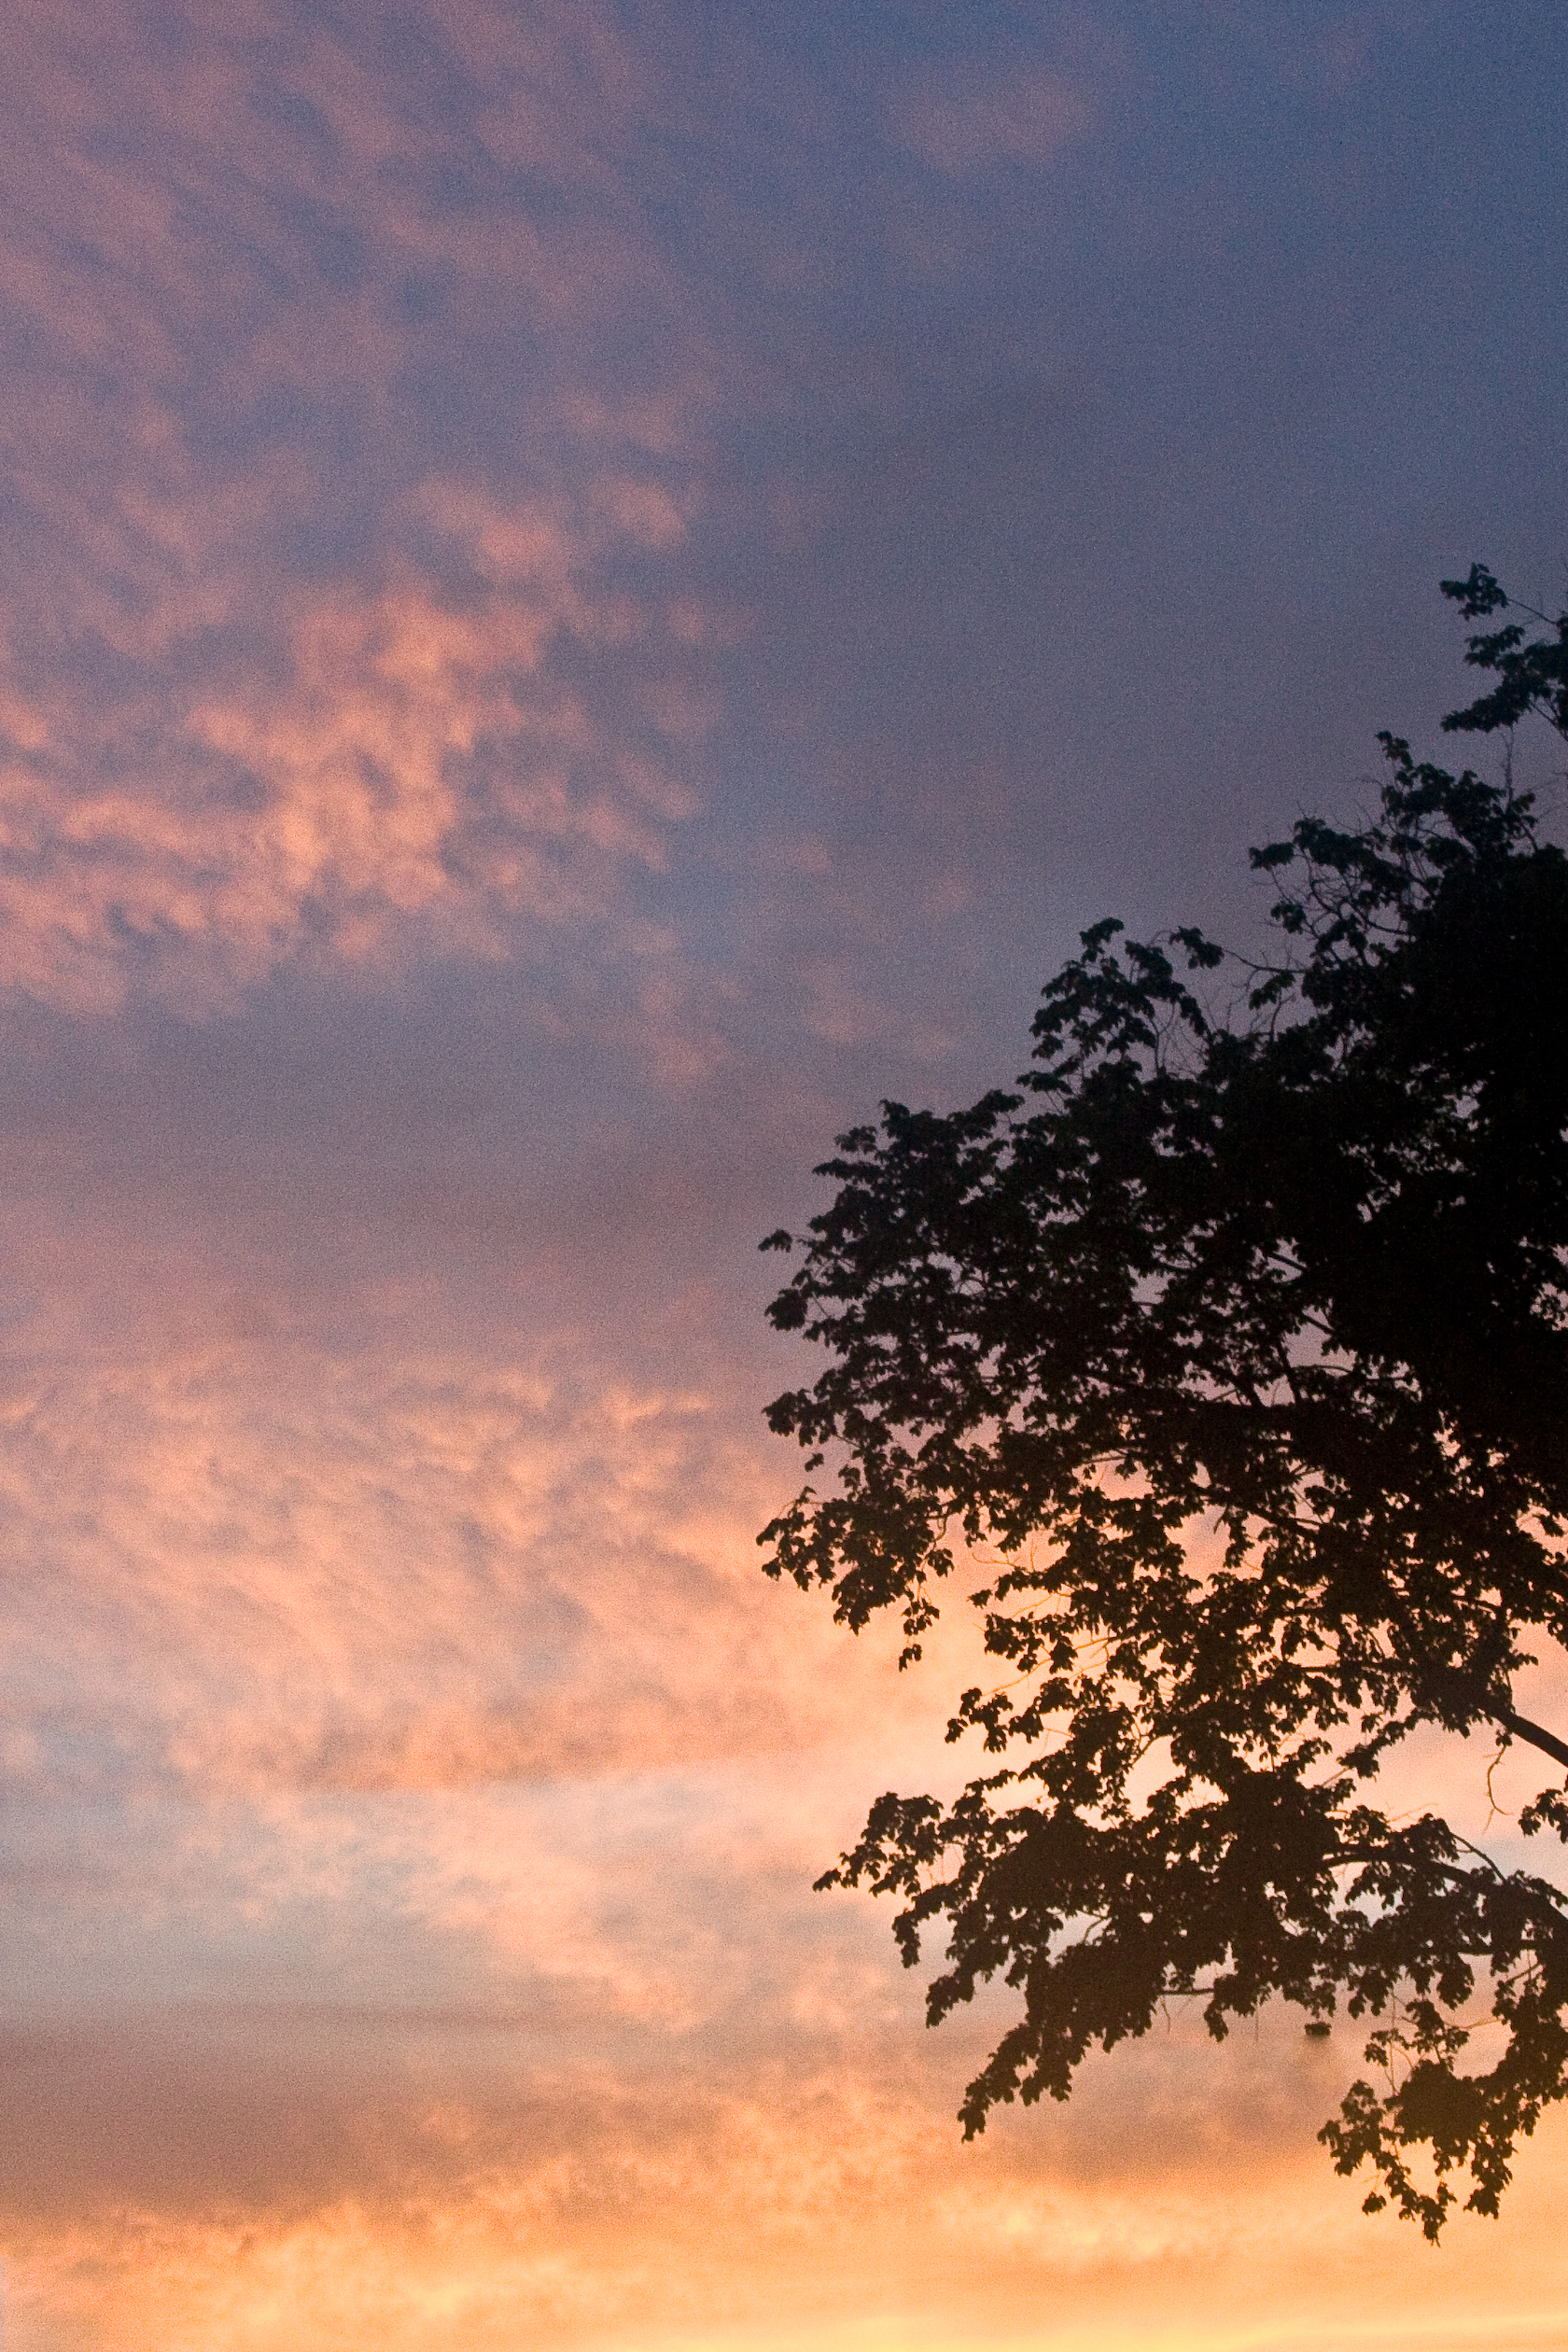 Sunset Glory #3